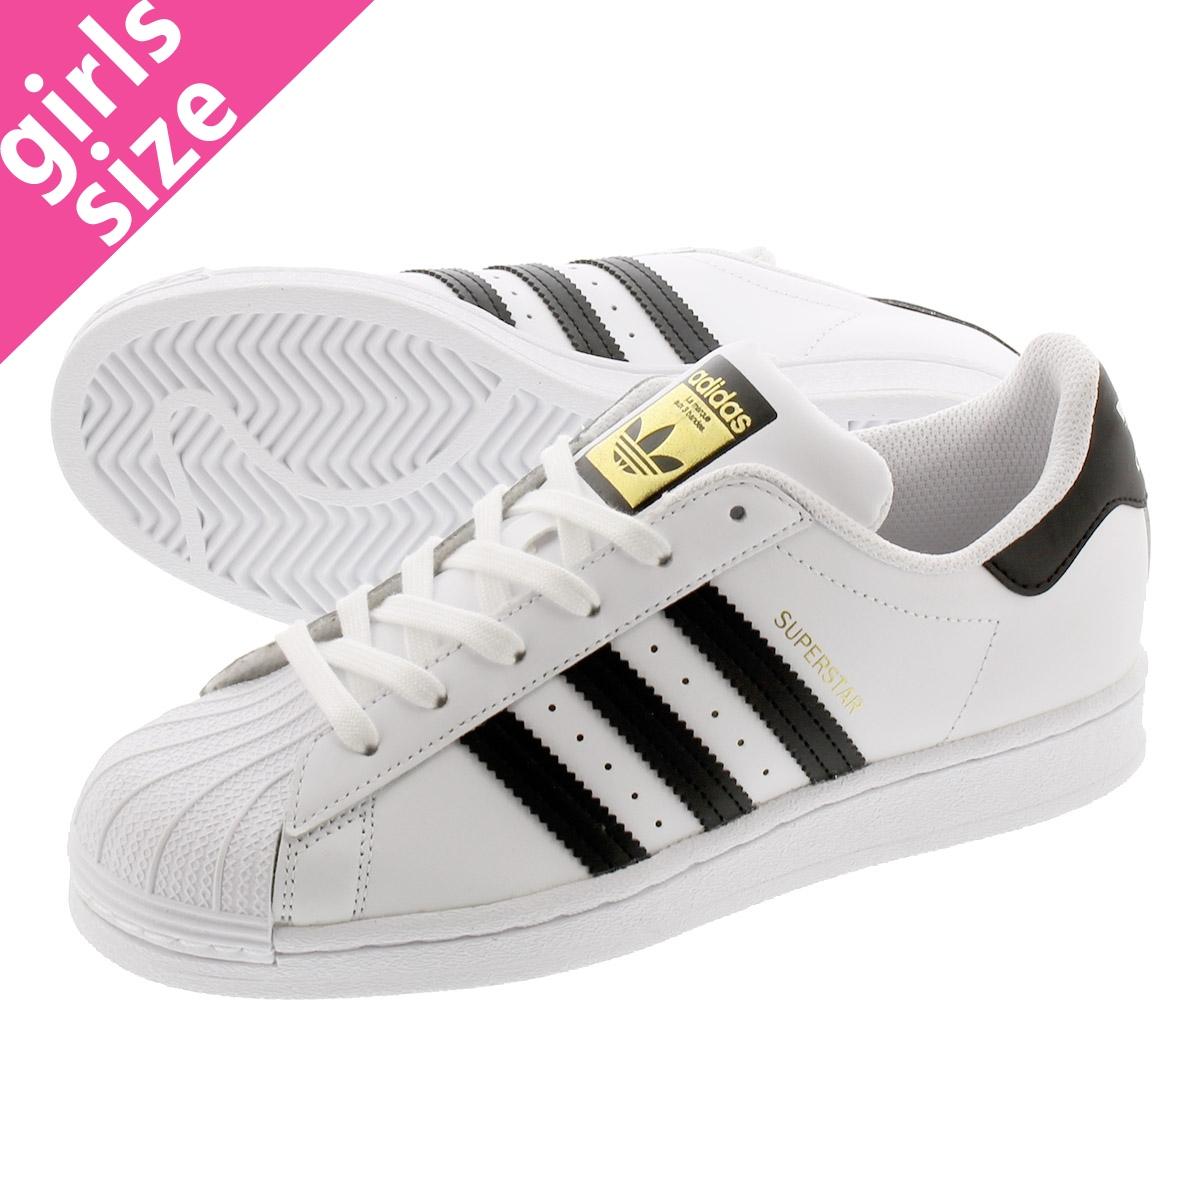 adidas SUPERSTAR W Adidas superstar women FTWR WHITECORE BLACKFTWR WHITE fv3284